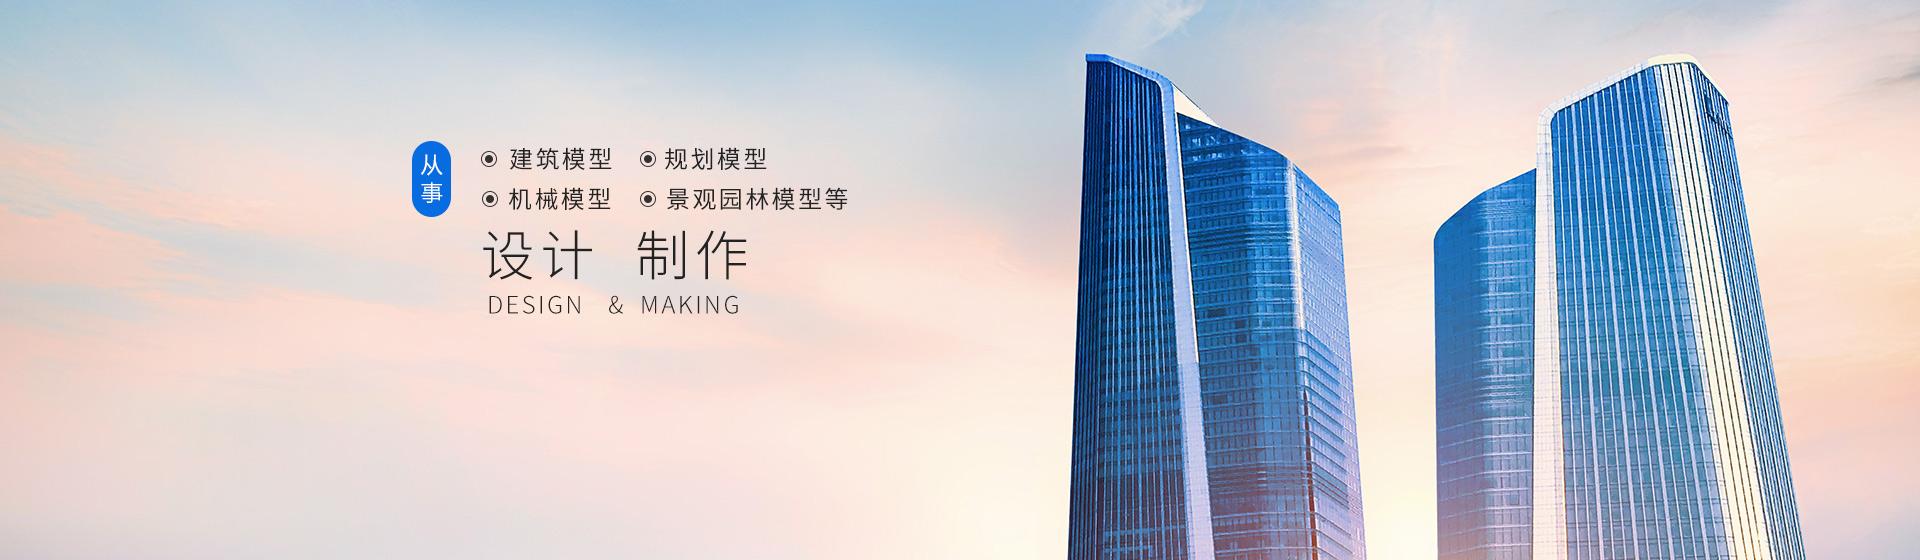 重庆建筑模型